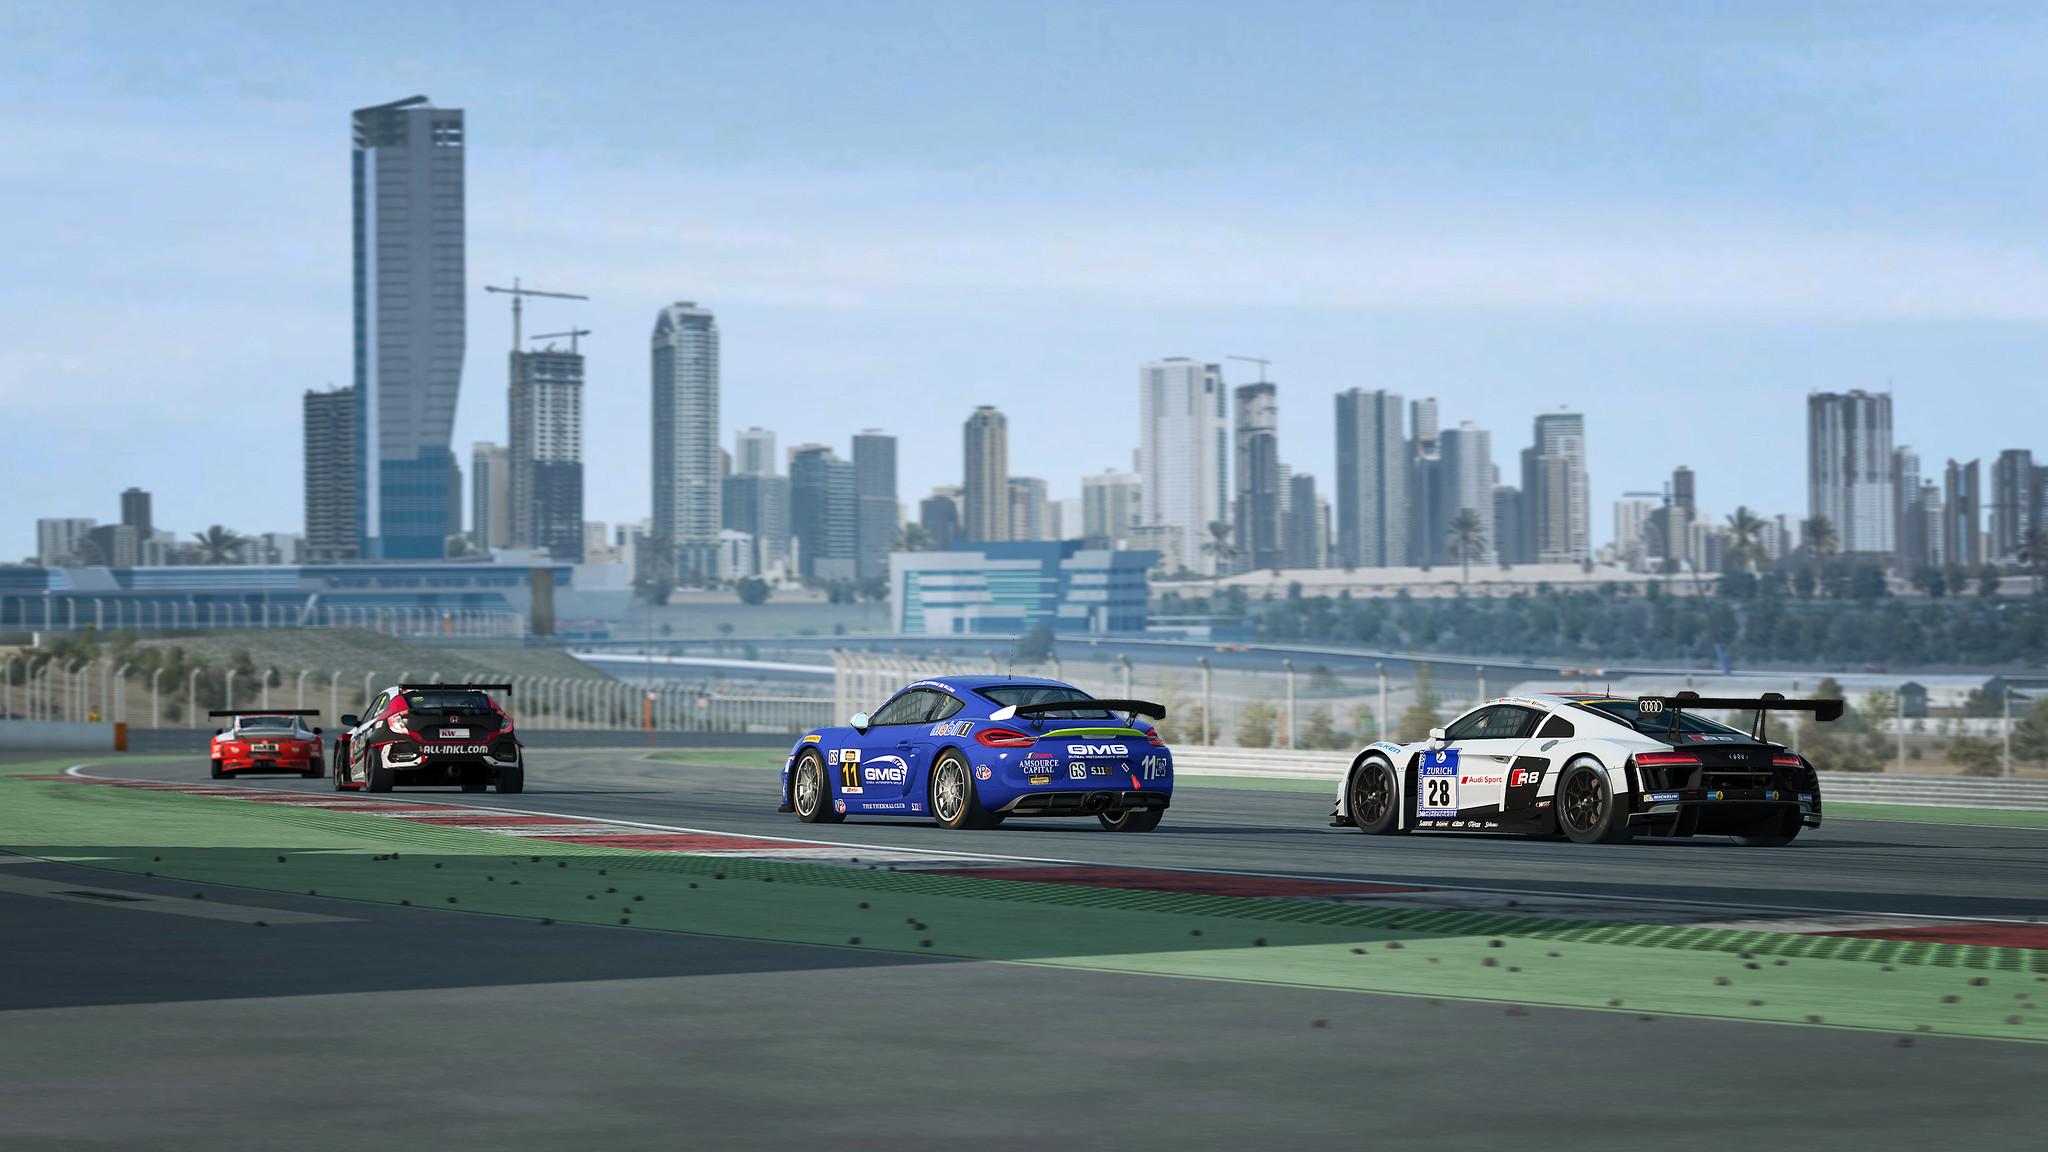 RaceRoom Dubai Autodrome 5